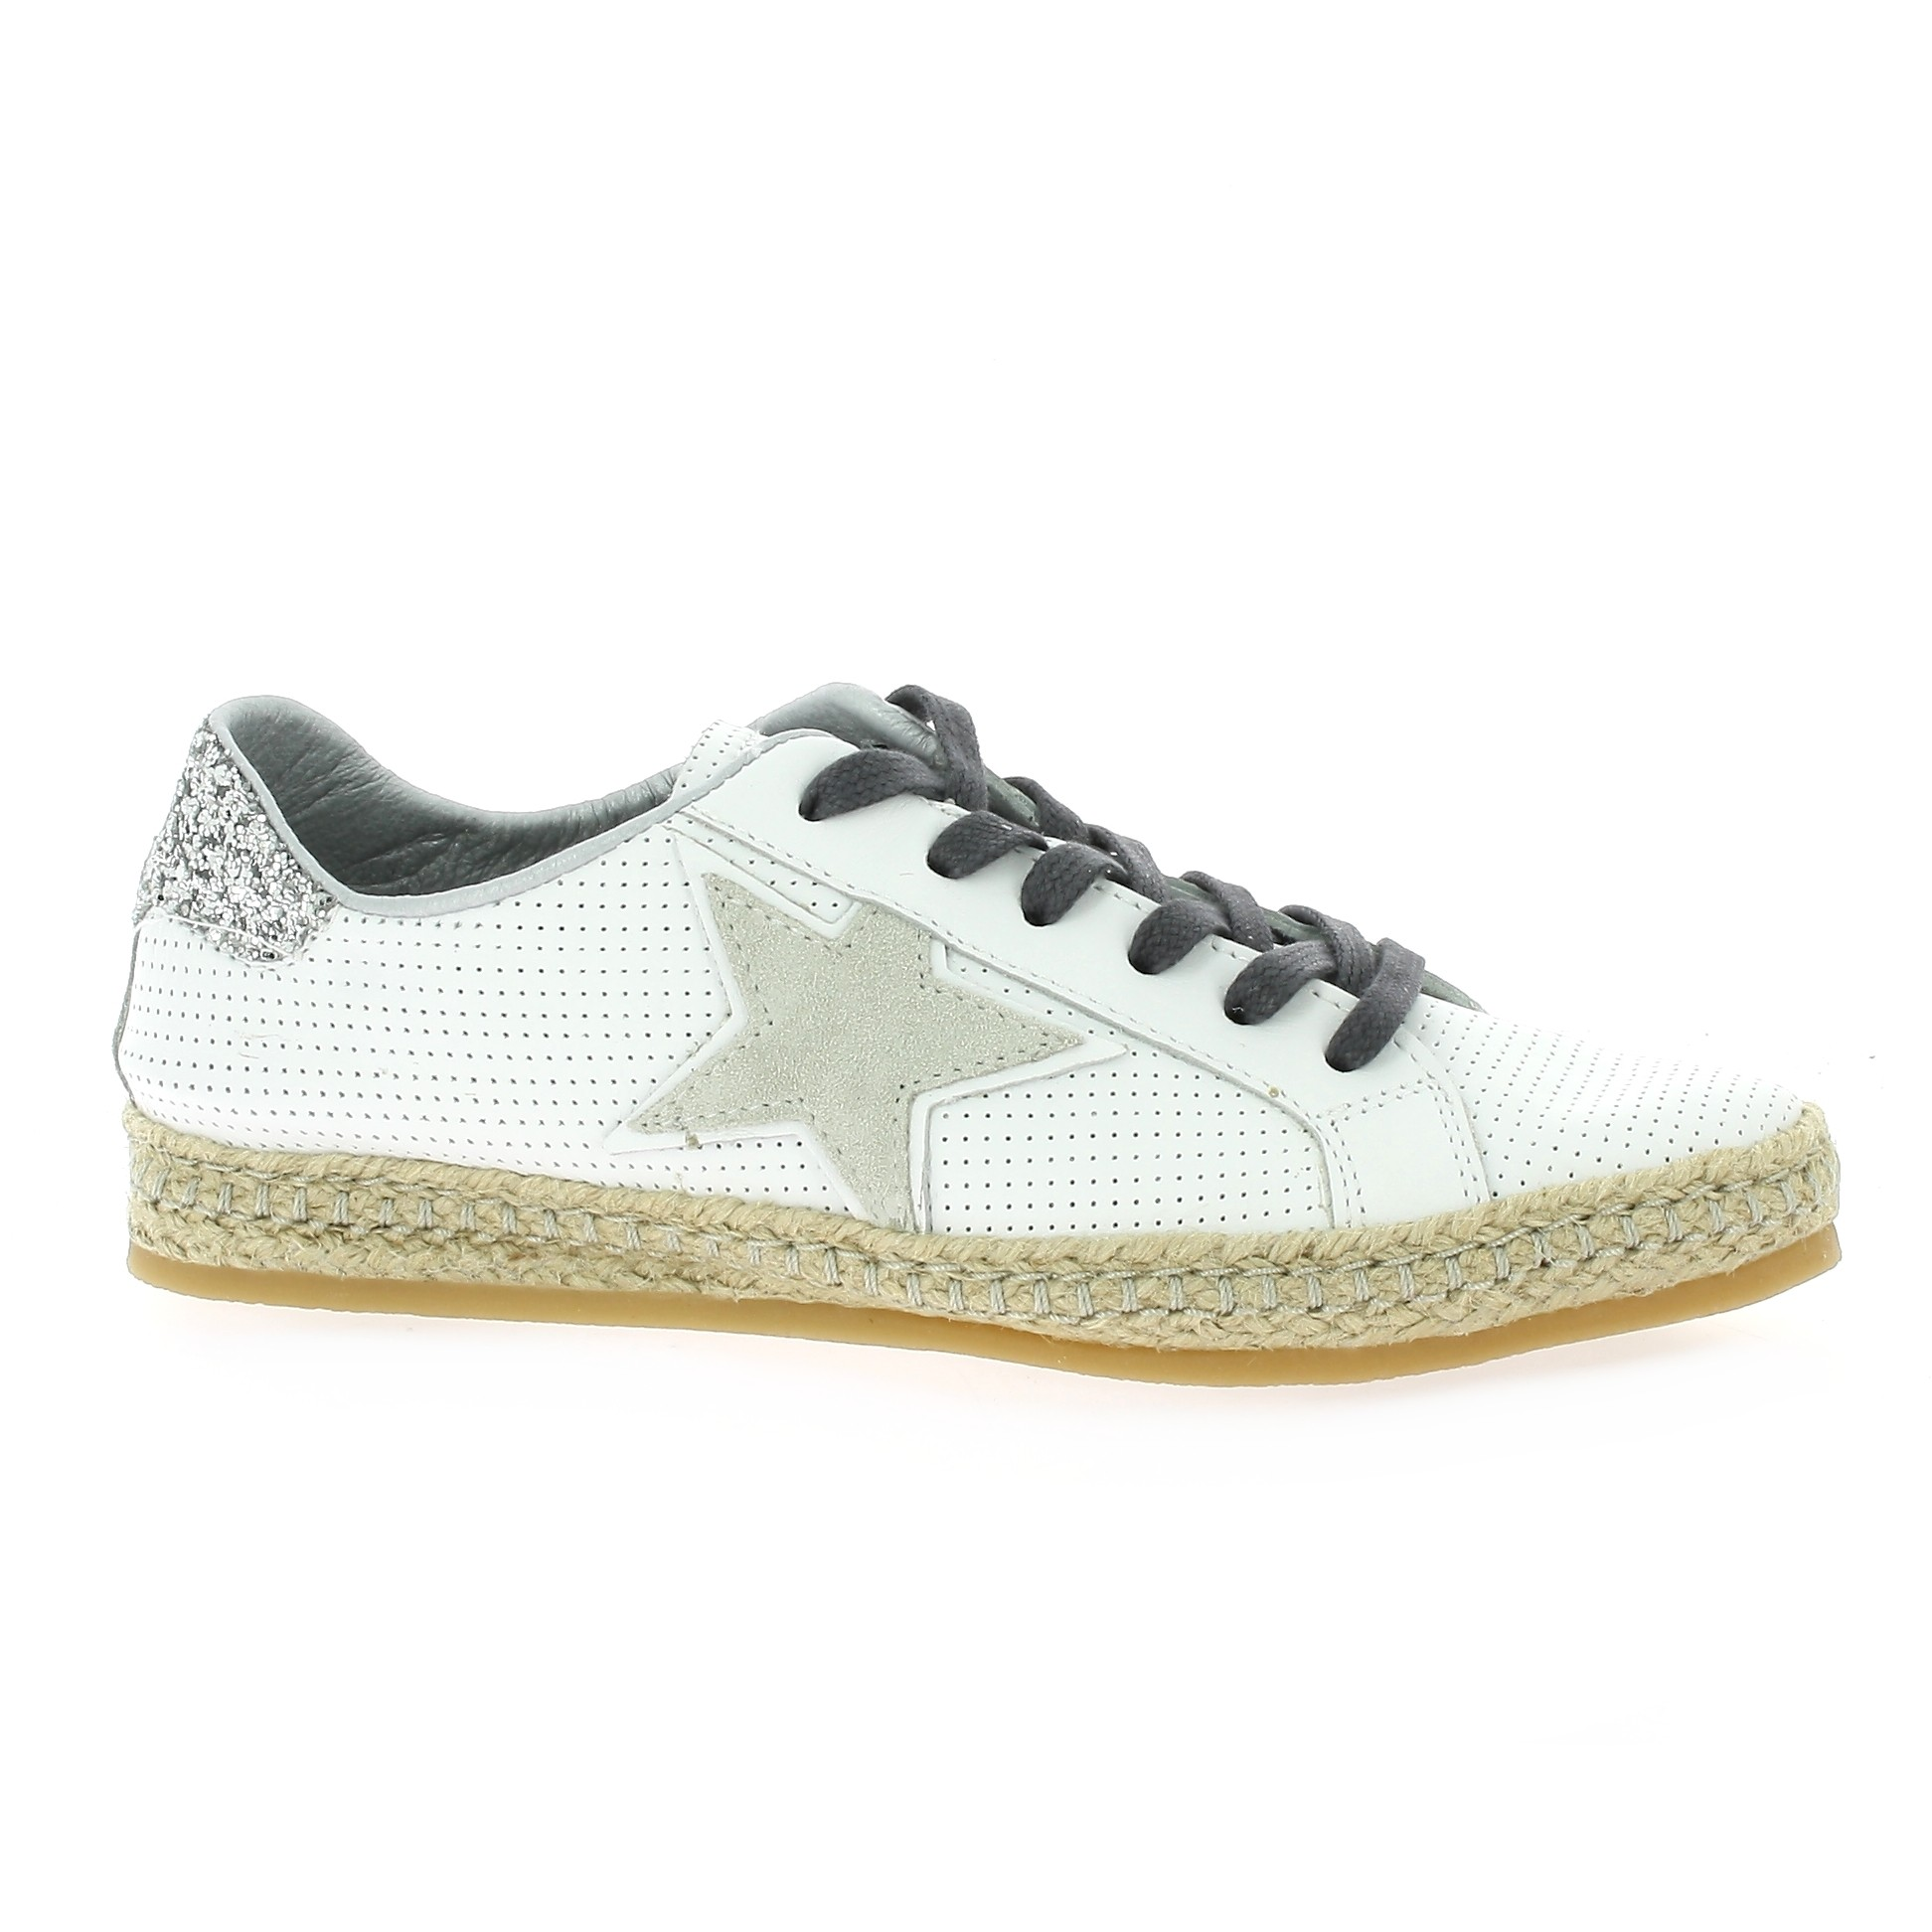 Arveva Chaussures Baskets cuir Arveva soldes finIX8o9e